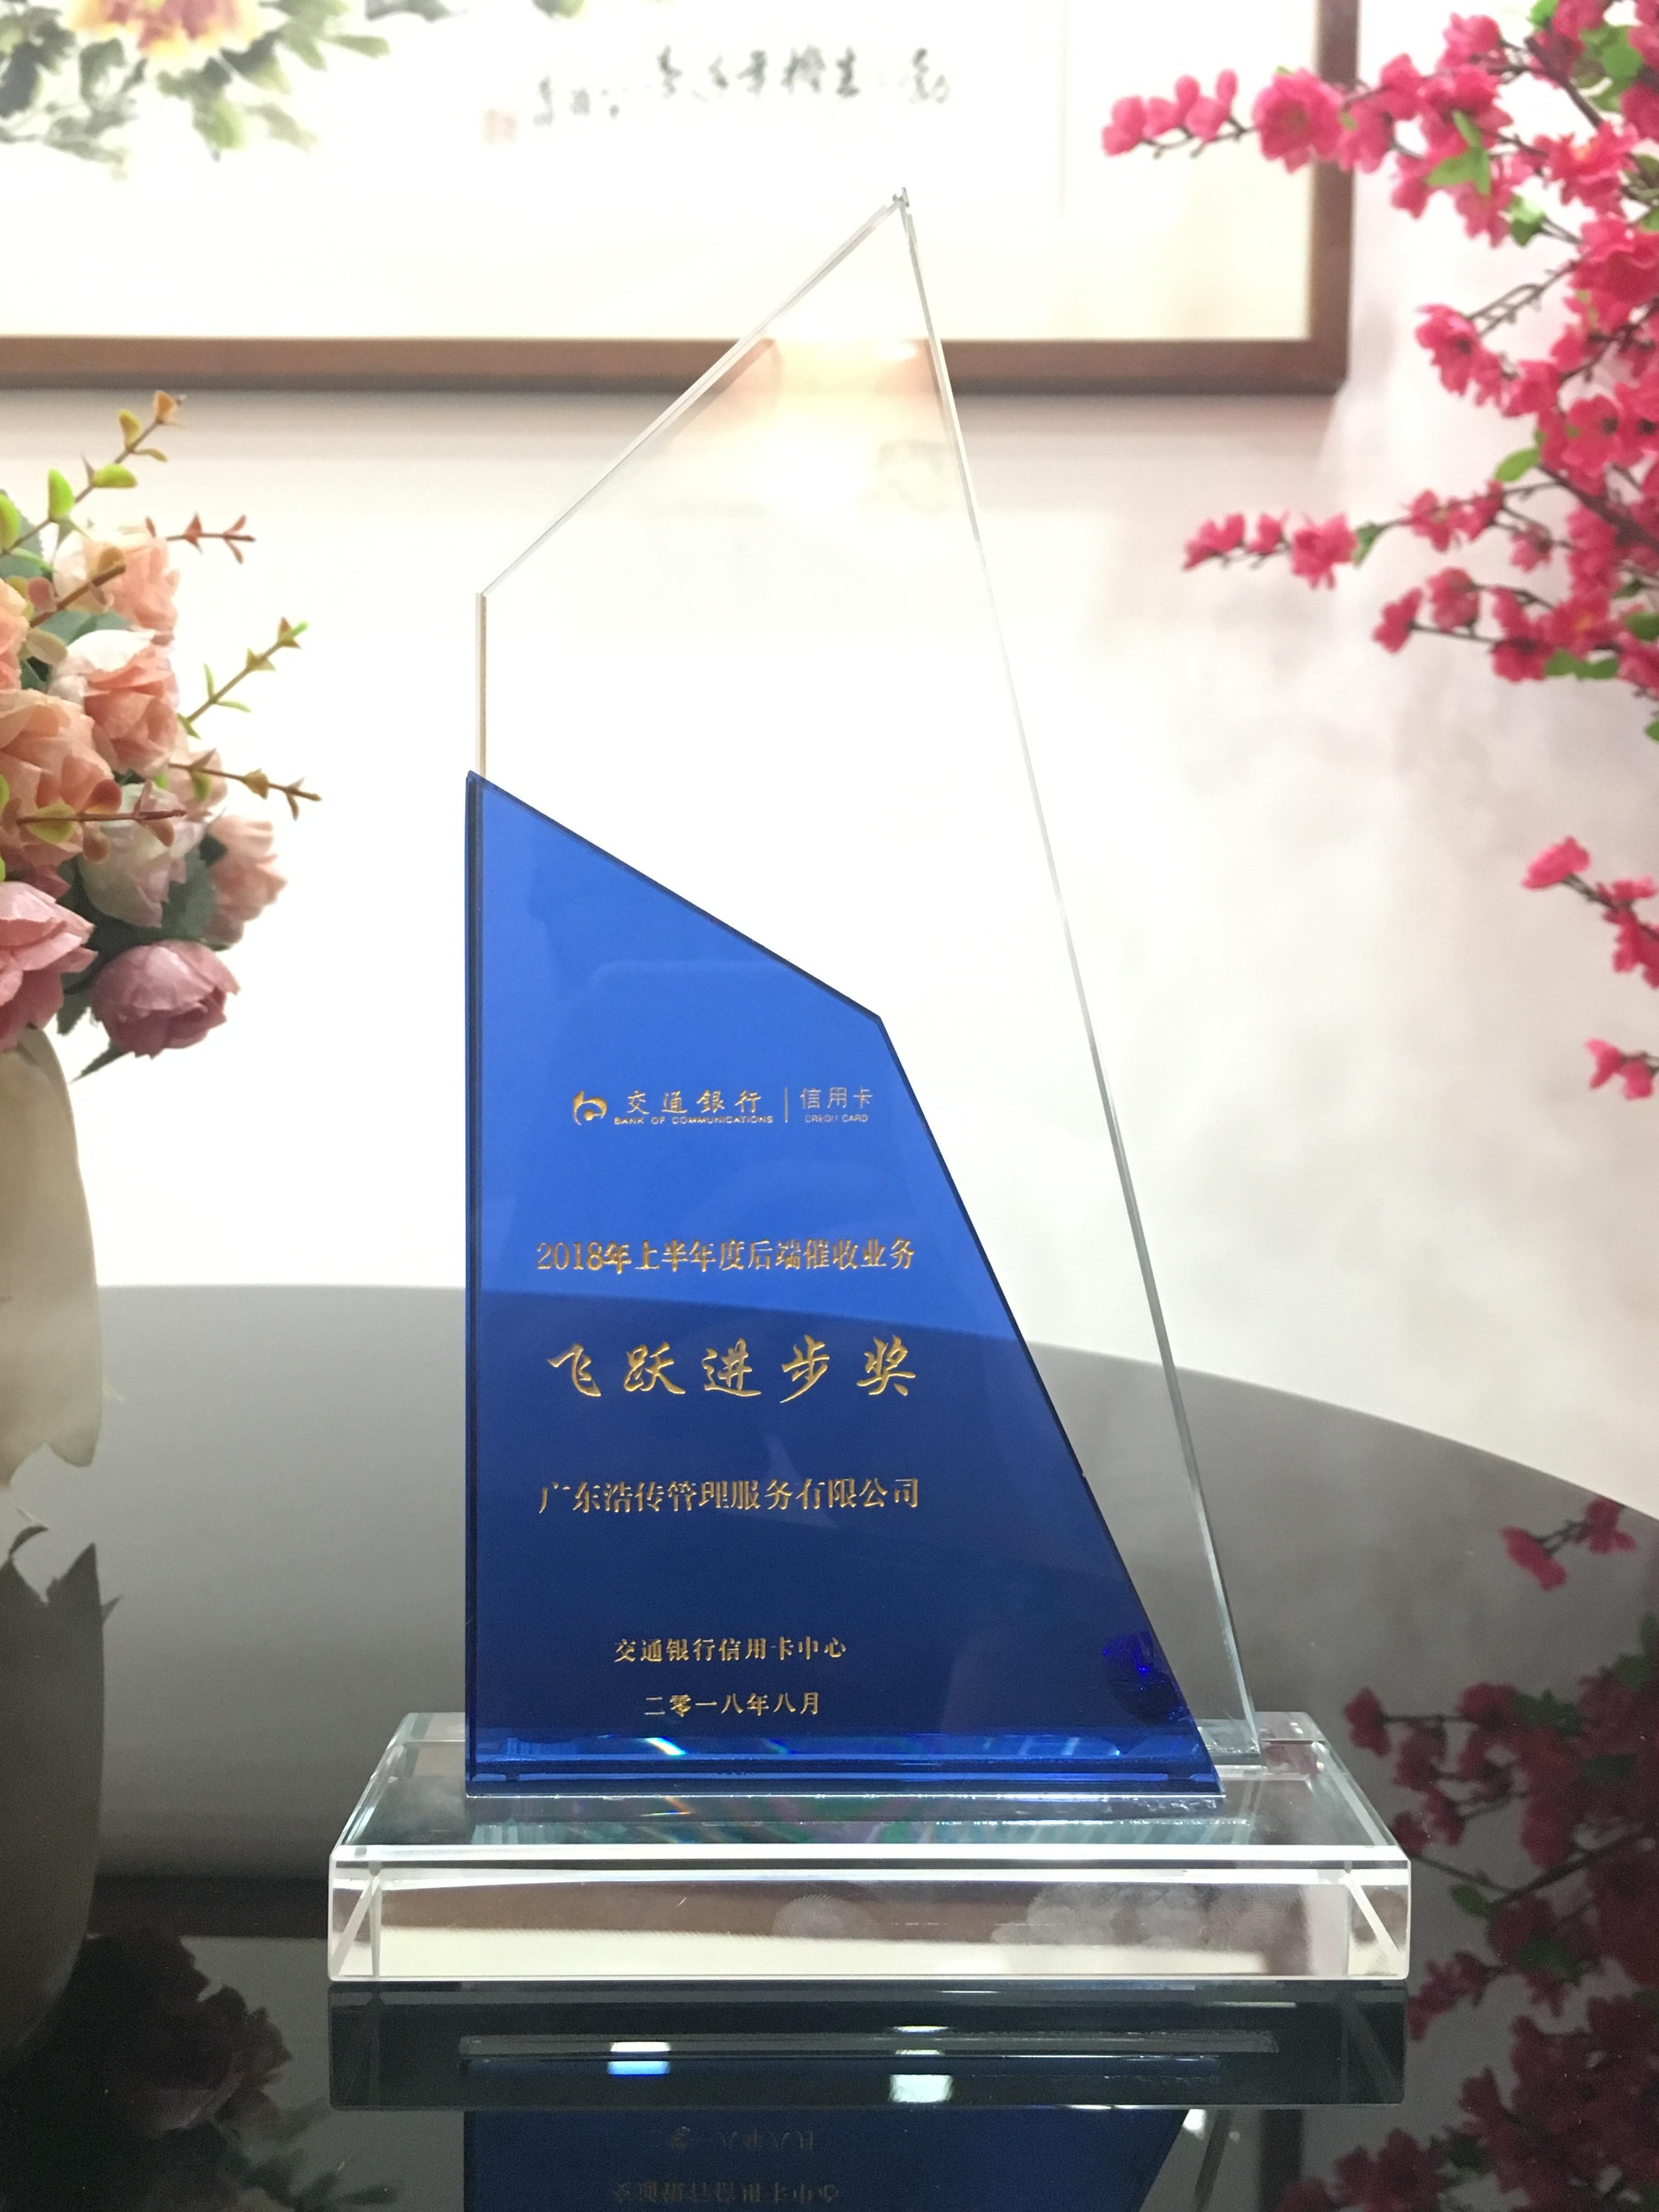 交通银行2018年上半年度飞跃进步奖